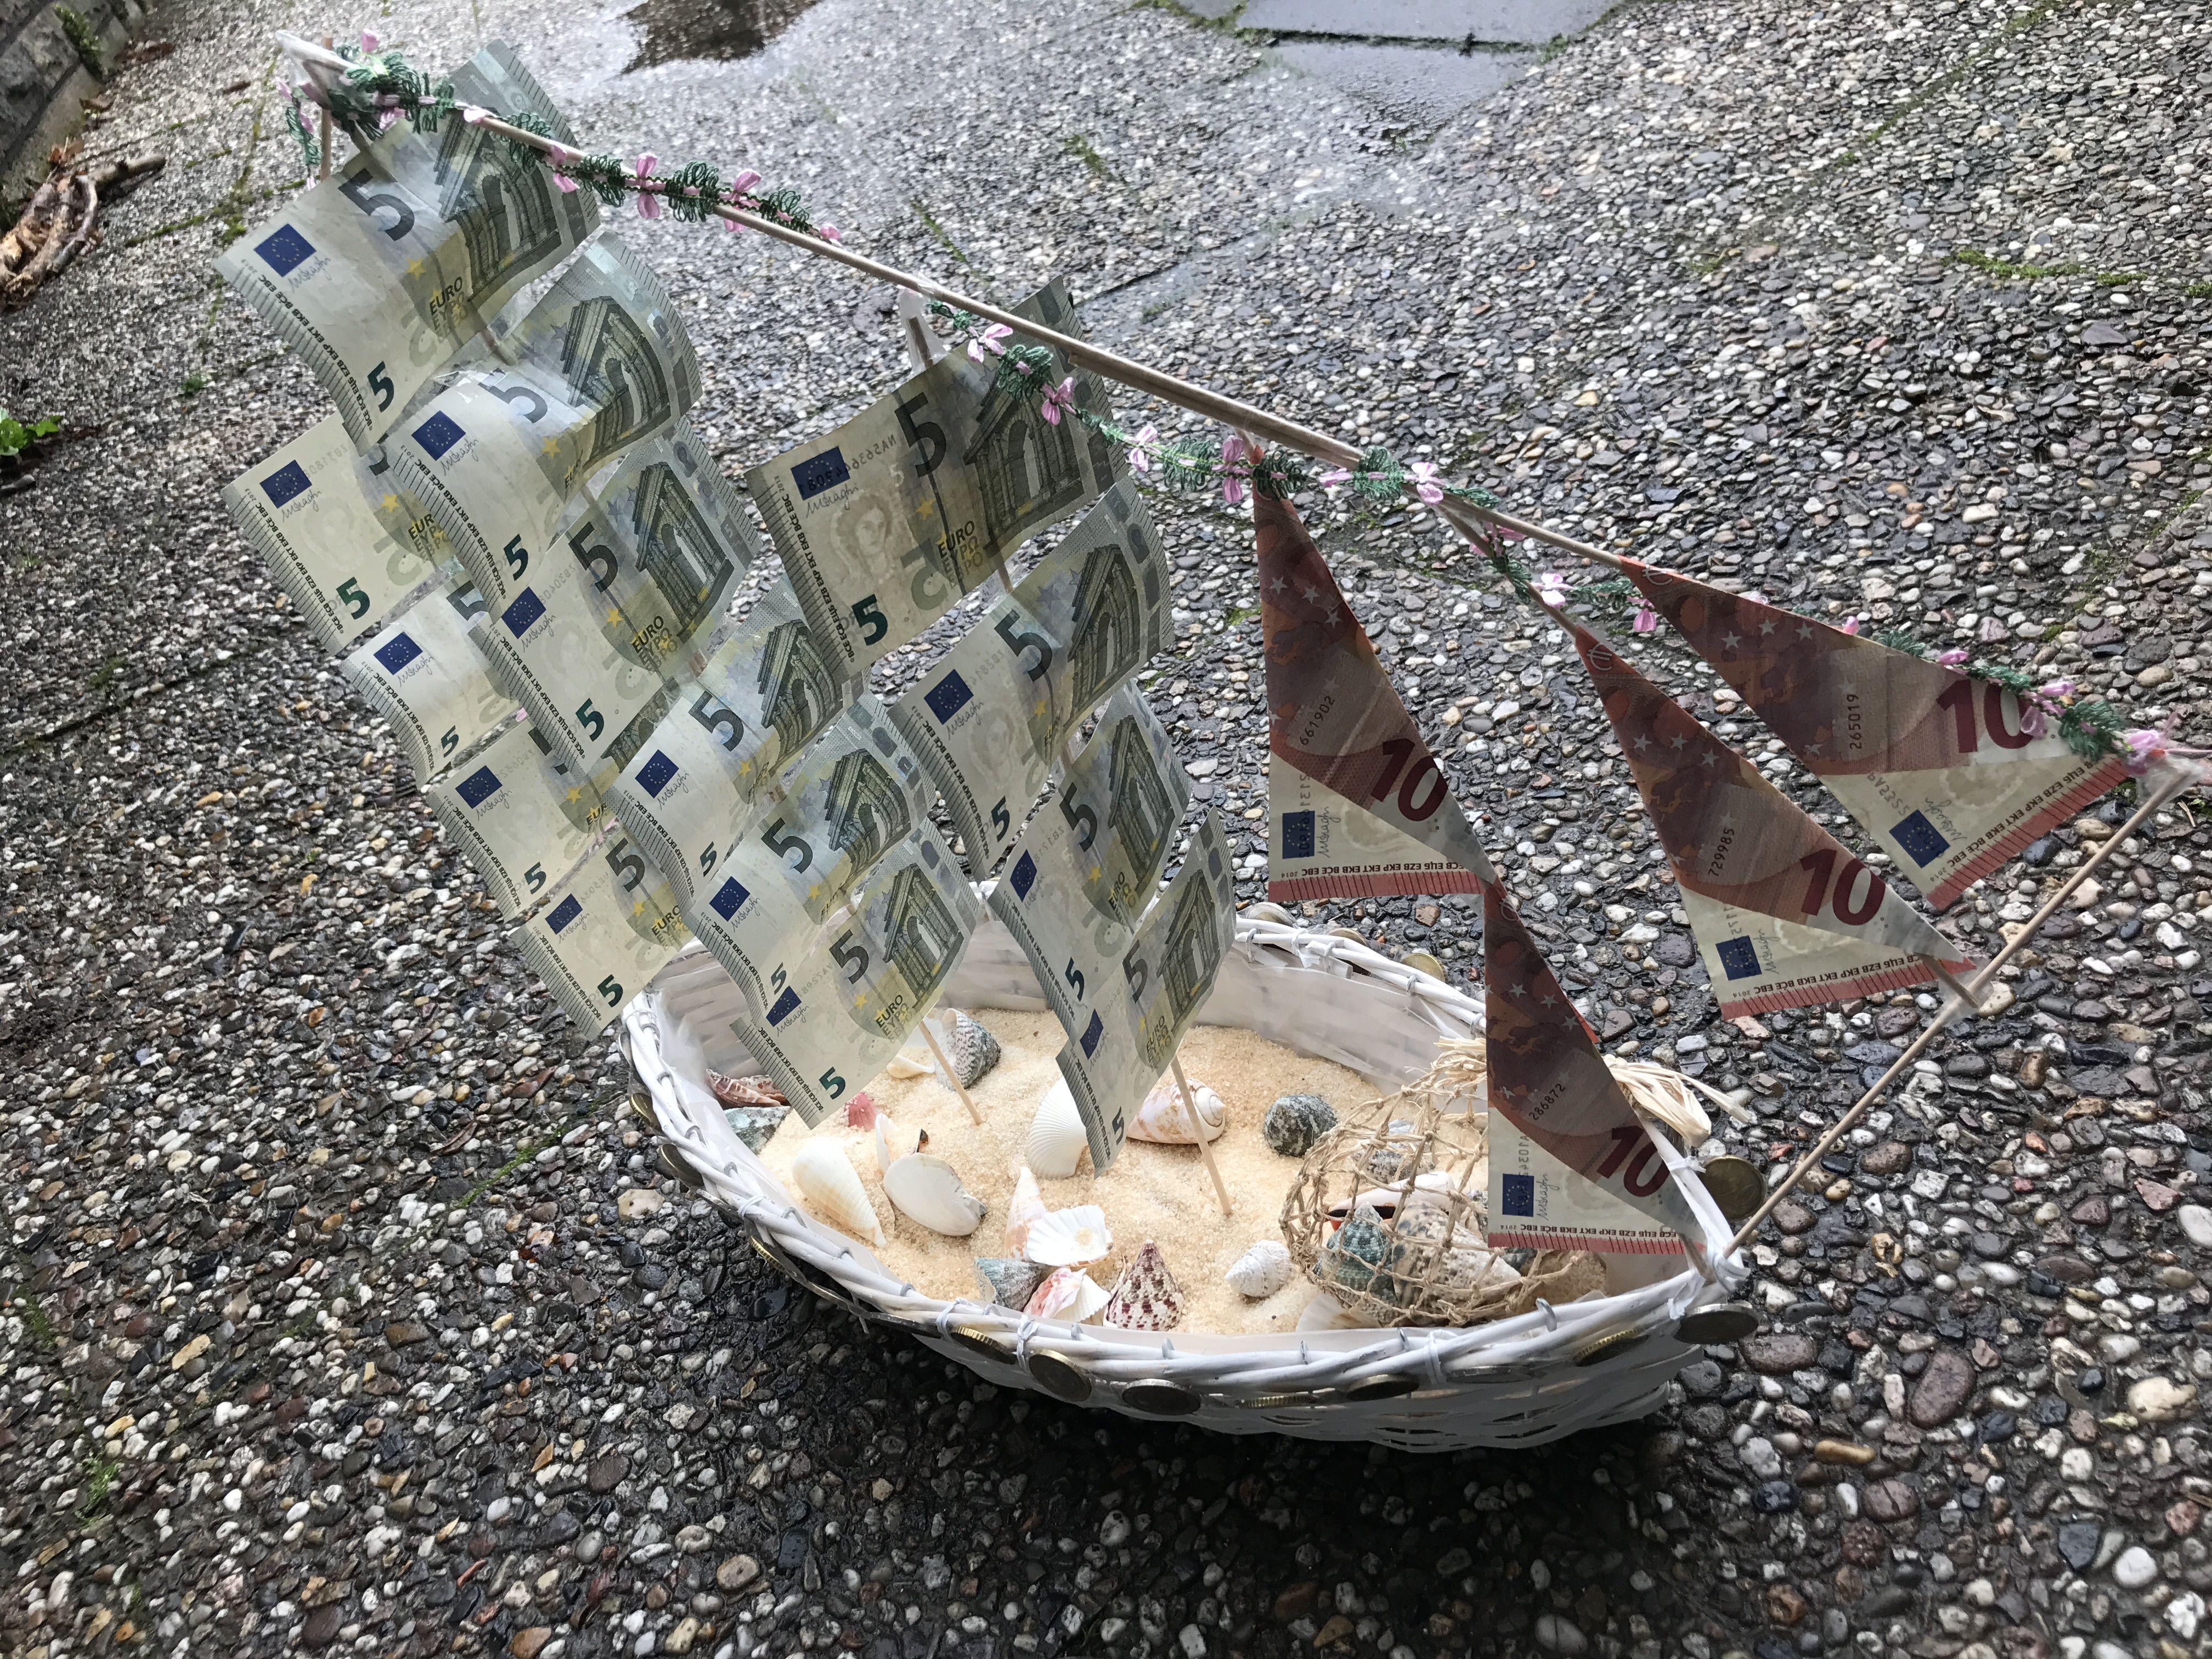 Hochzeitsgeschenk - zum Einfahren in den Hafen der Liebe   #geldgeschenk #scheine #schiff #kreativehandwerke